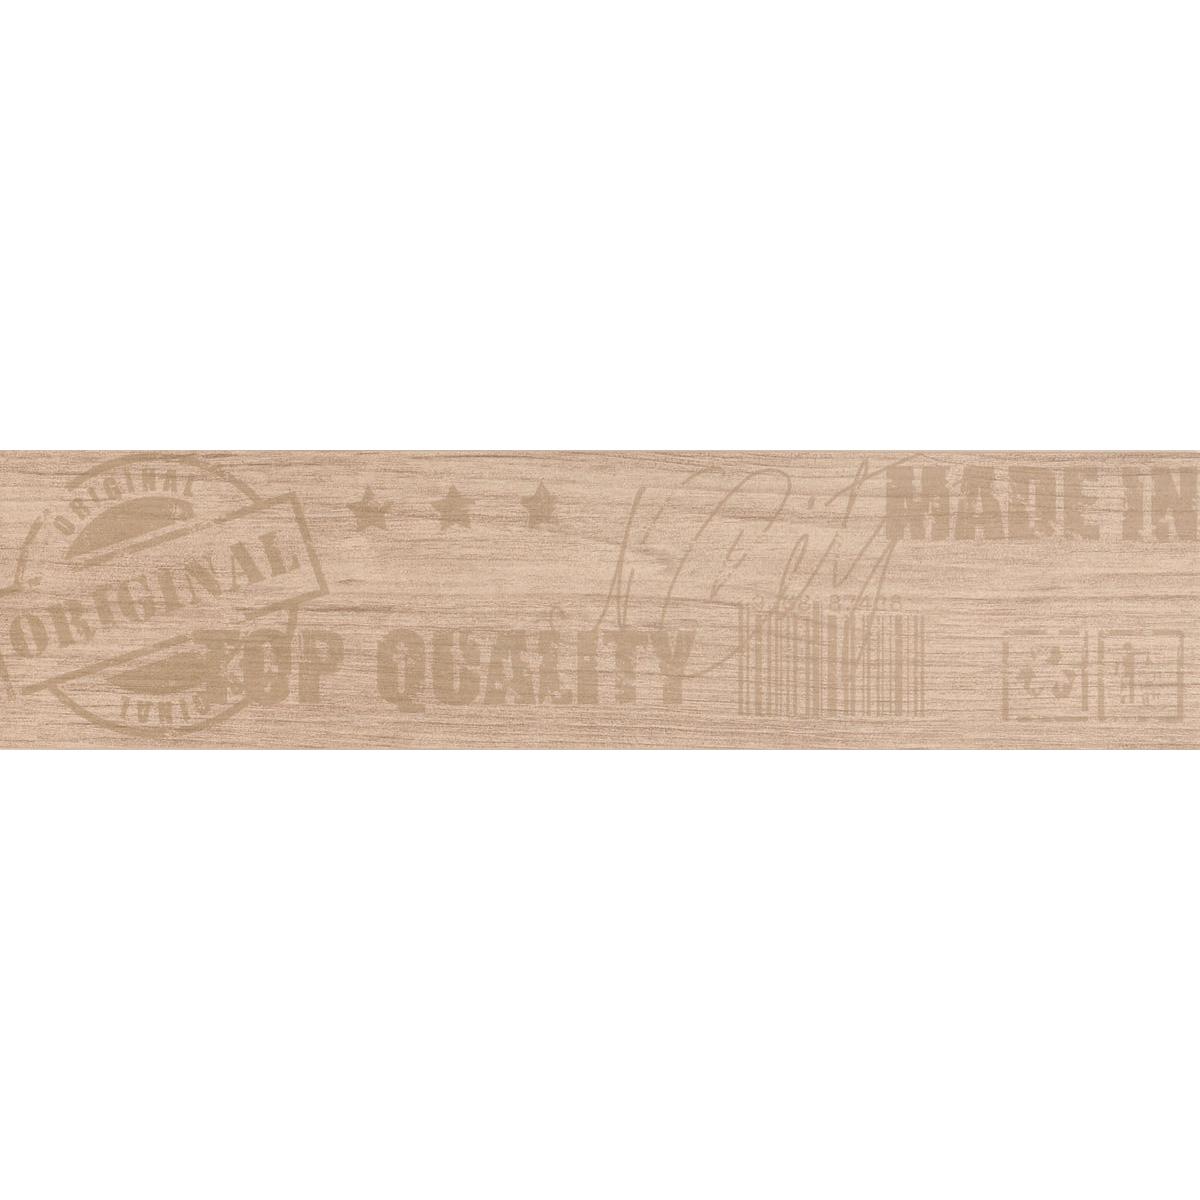 Decor deco bamboo (zsxpt3dr) изображение 4